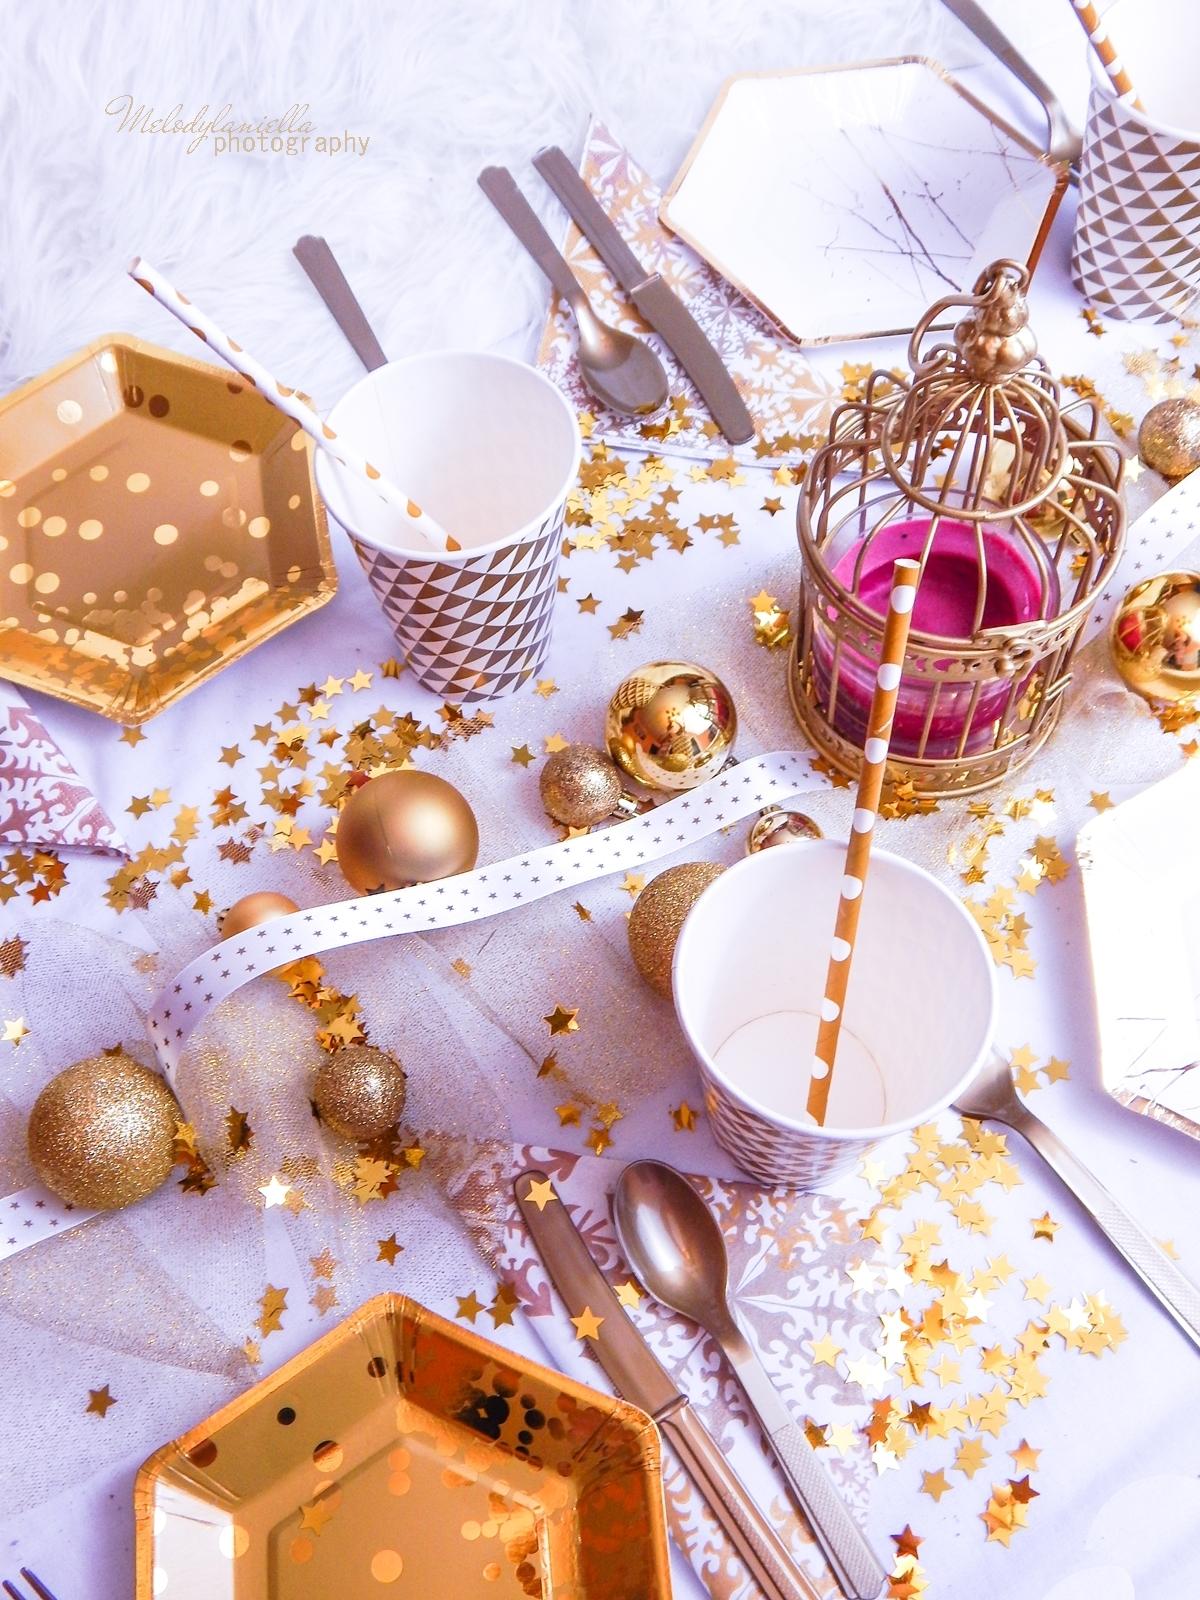 9 jak udekorować stół na imprezę dekoracja stołu karnawałowego świątecznego weselnego urodzinowego dekoracje dodatki partybox.pl partybox sklep z dodatkami na imprezy melodylaniella